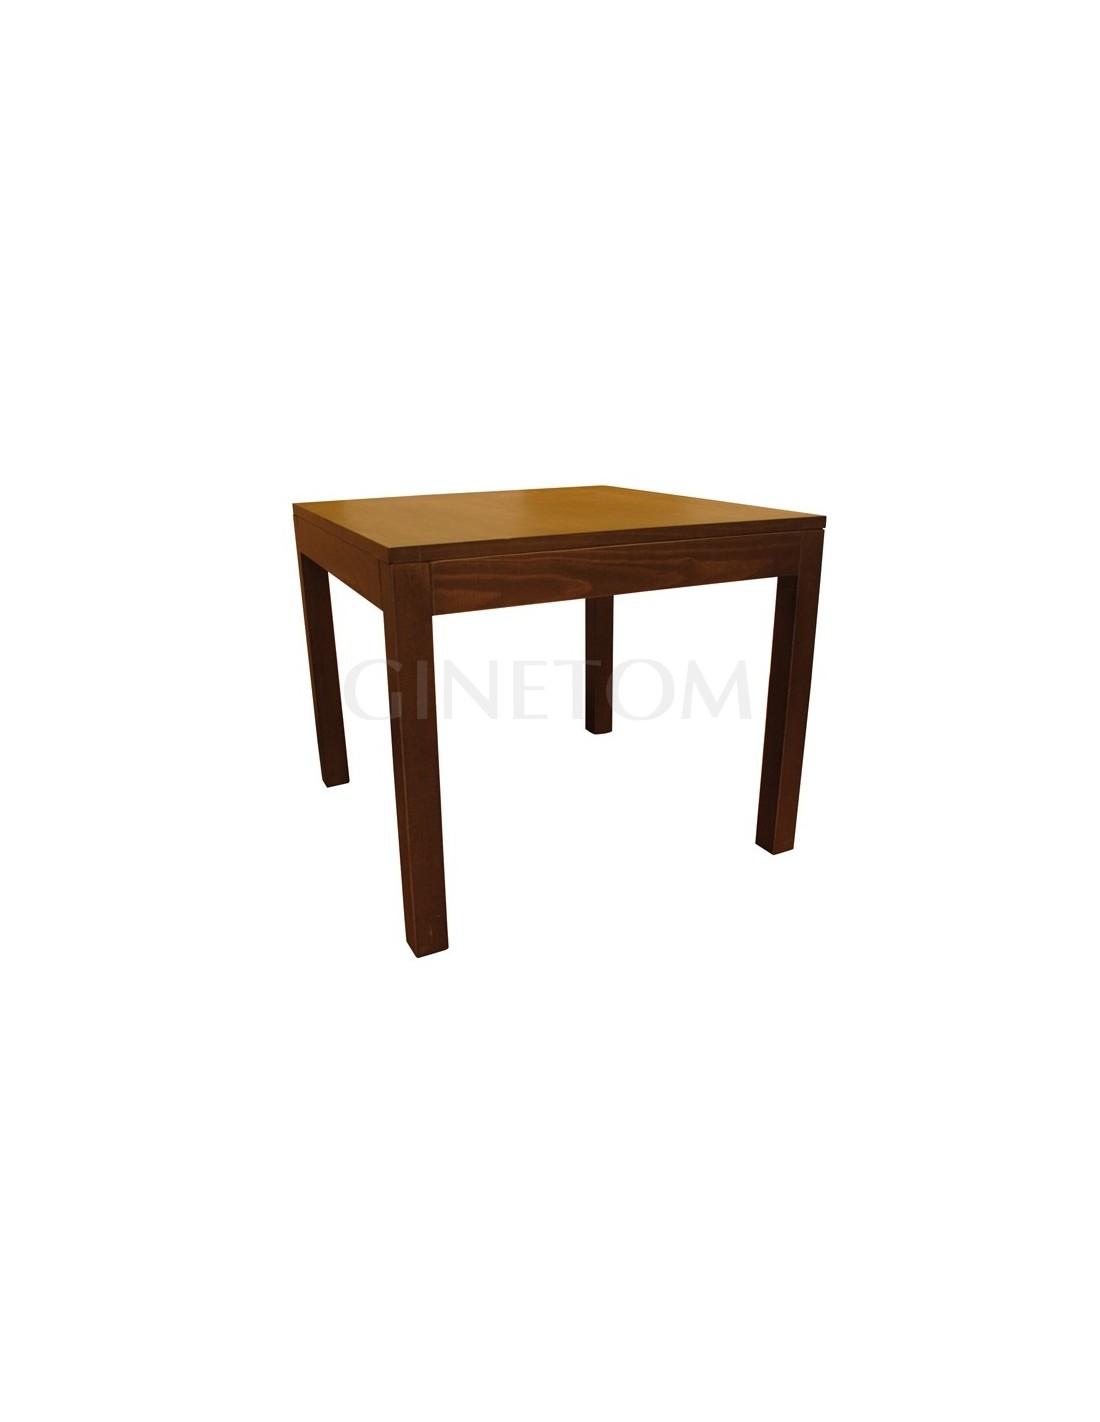 Mesas de madera vertice ref 710 mesas hosteler a ginetom for Mesas madera hosteleria